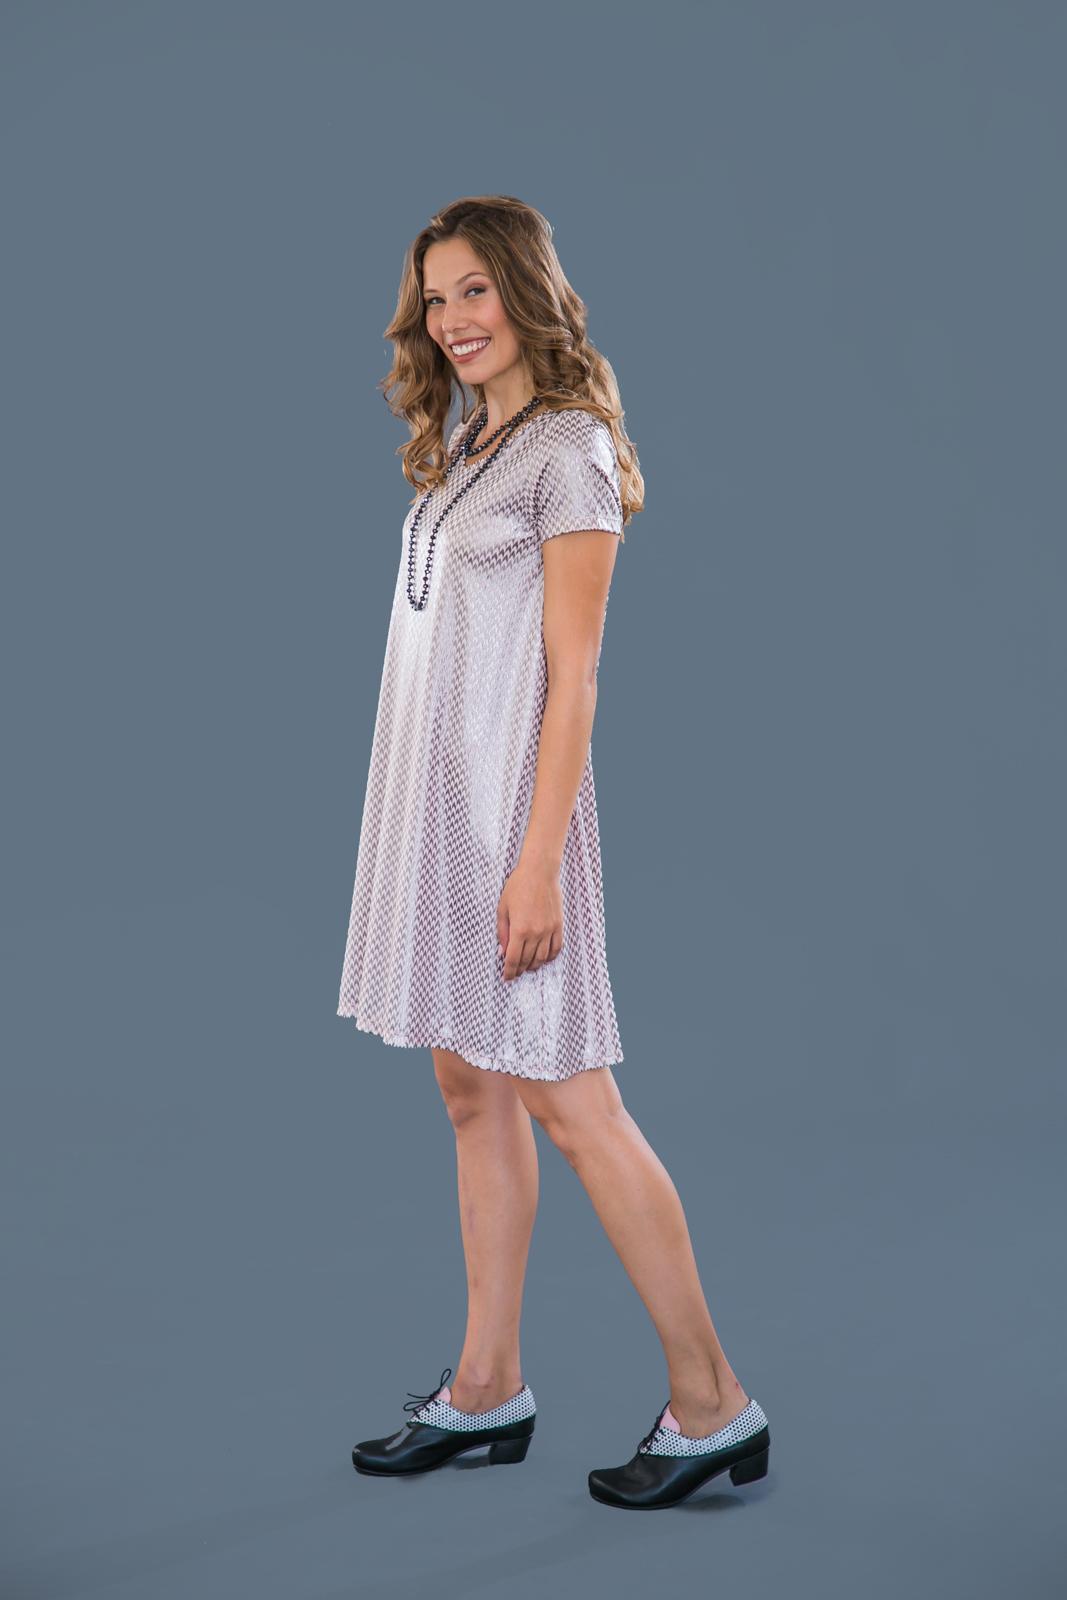 שמלת מונקו ורודה עם הדפס שרוול קצר